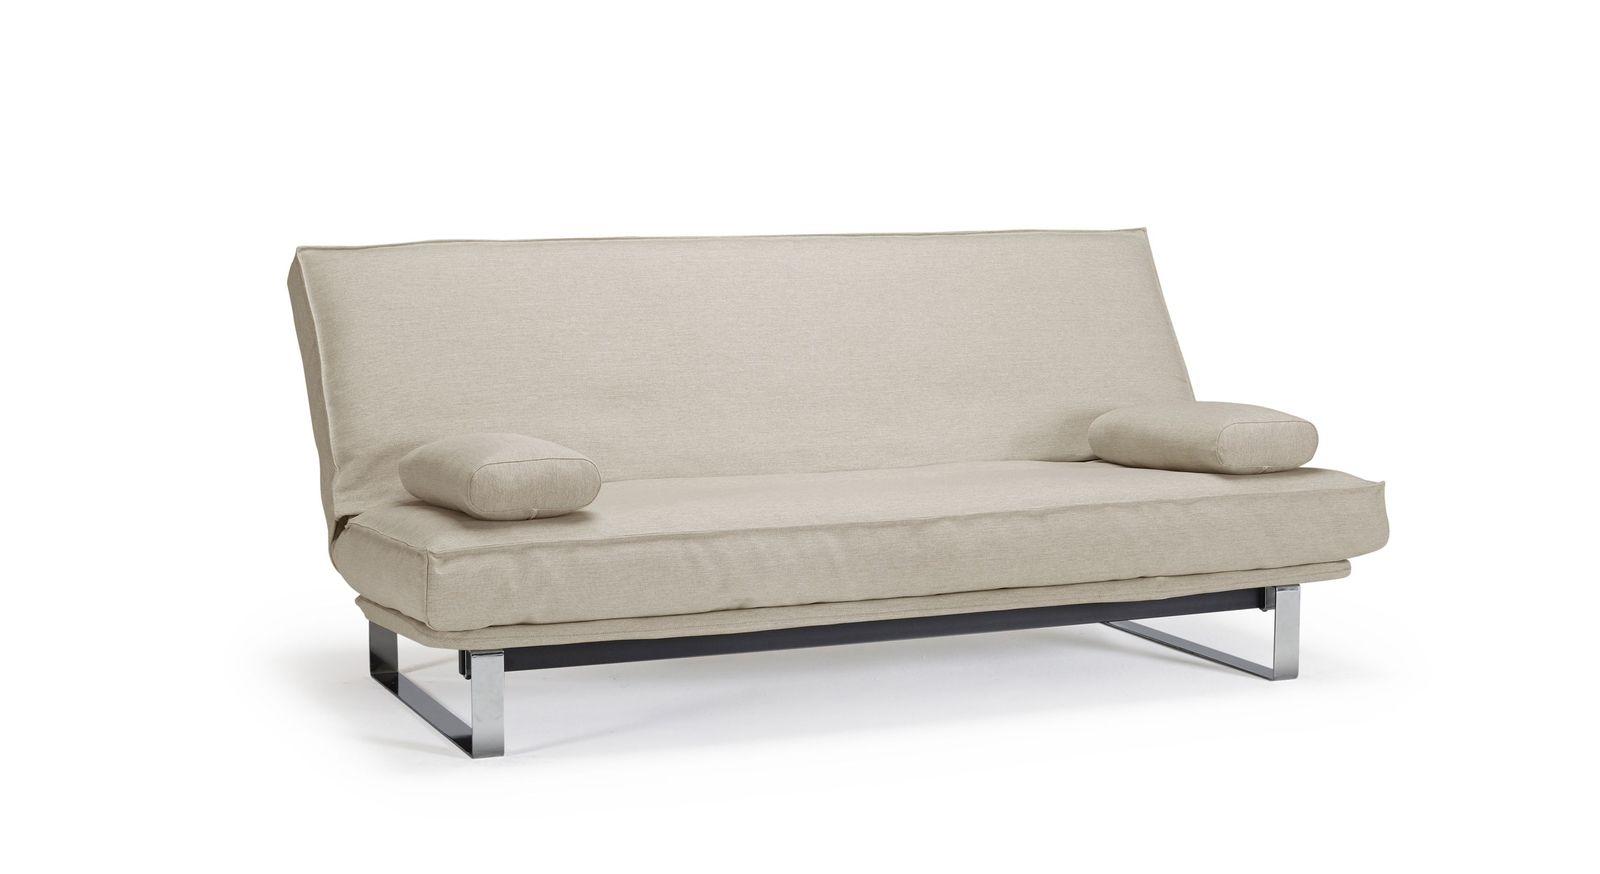 Schlafsofa Perano mit optional erhältlichen Ersatzbezügen